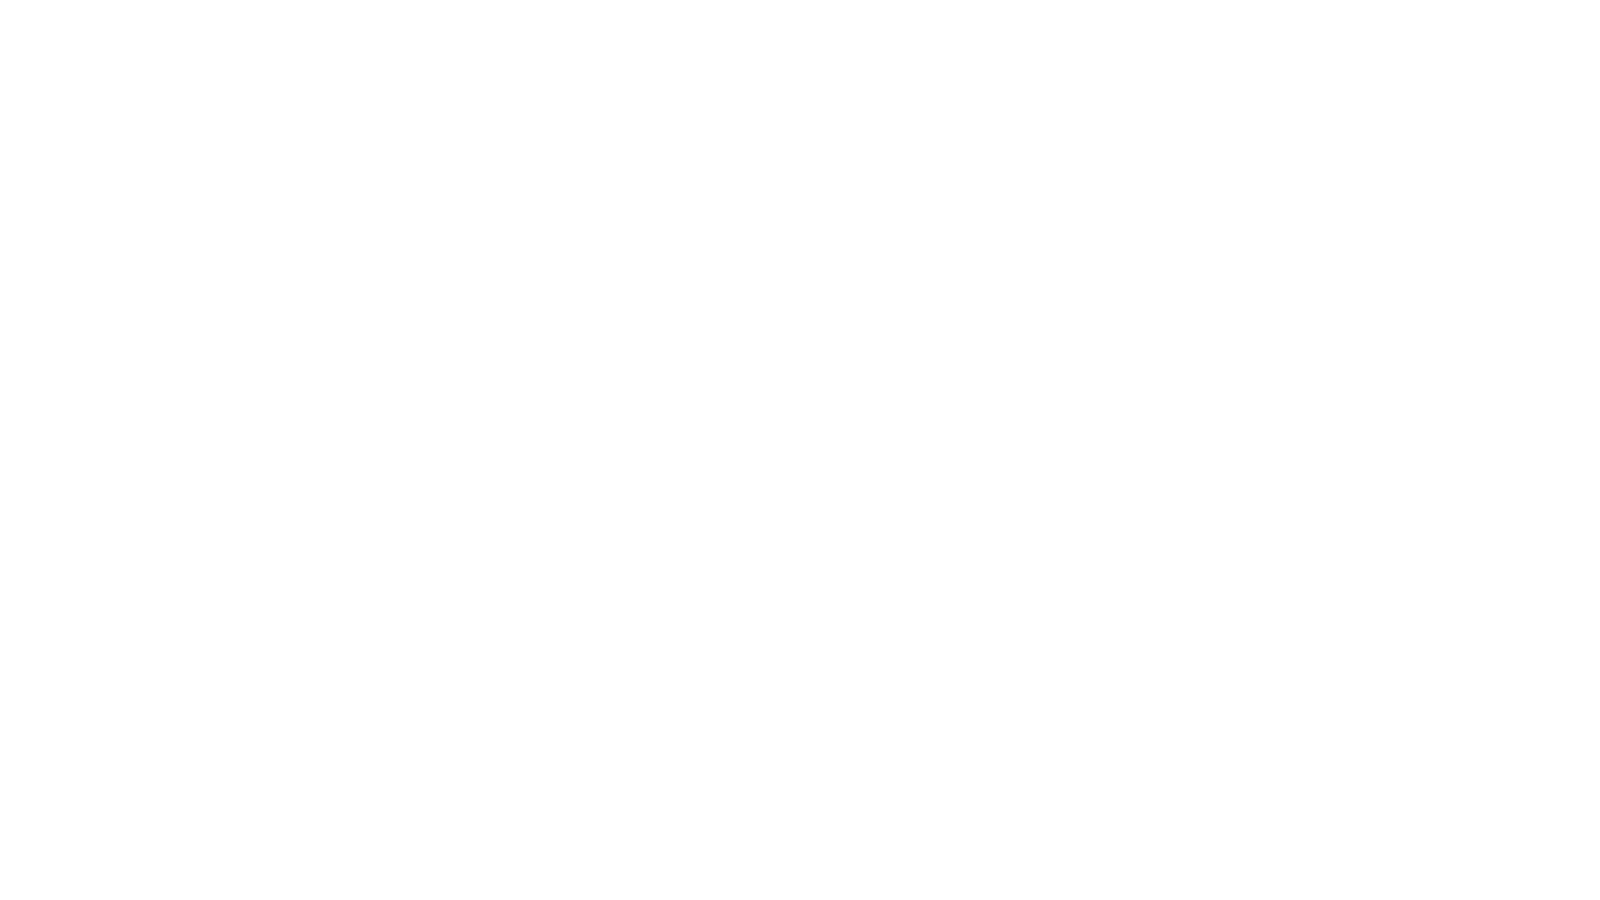 Recensione completa della pala top di gamma di Starvie, Metheora Warrior, legata all'immagine di Mati Diaz, n. 34 WPT.  Una pala da controllo, ma che sa dare quella potenza gratuita, tipica delle pale tonde, senza disdegnare, però, un gioco offensivo e carico di spin.  Recensione scritta, con o voti, su http://tennistaste.com